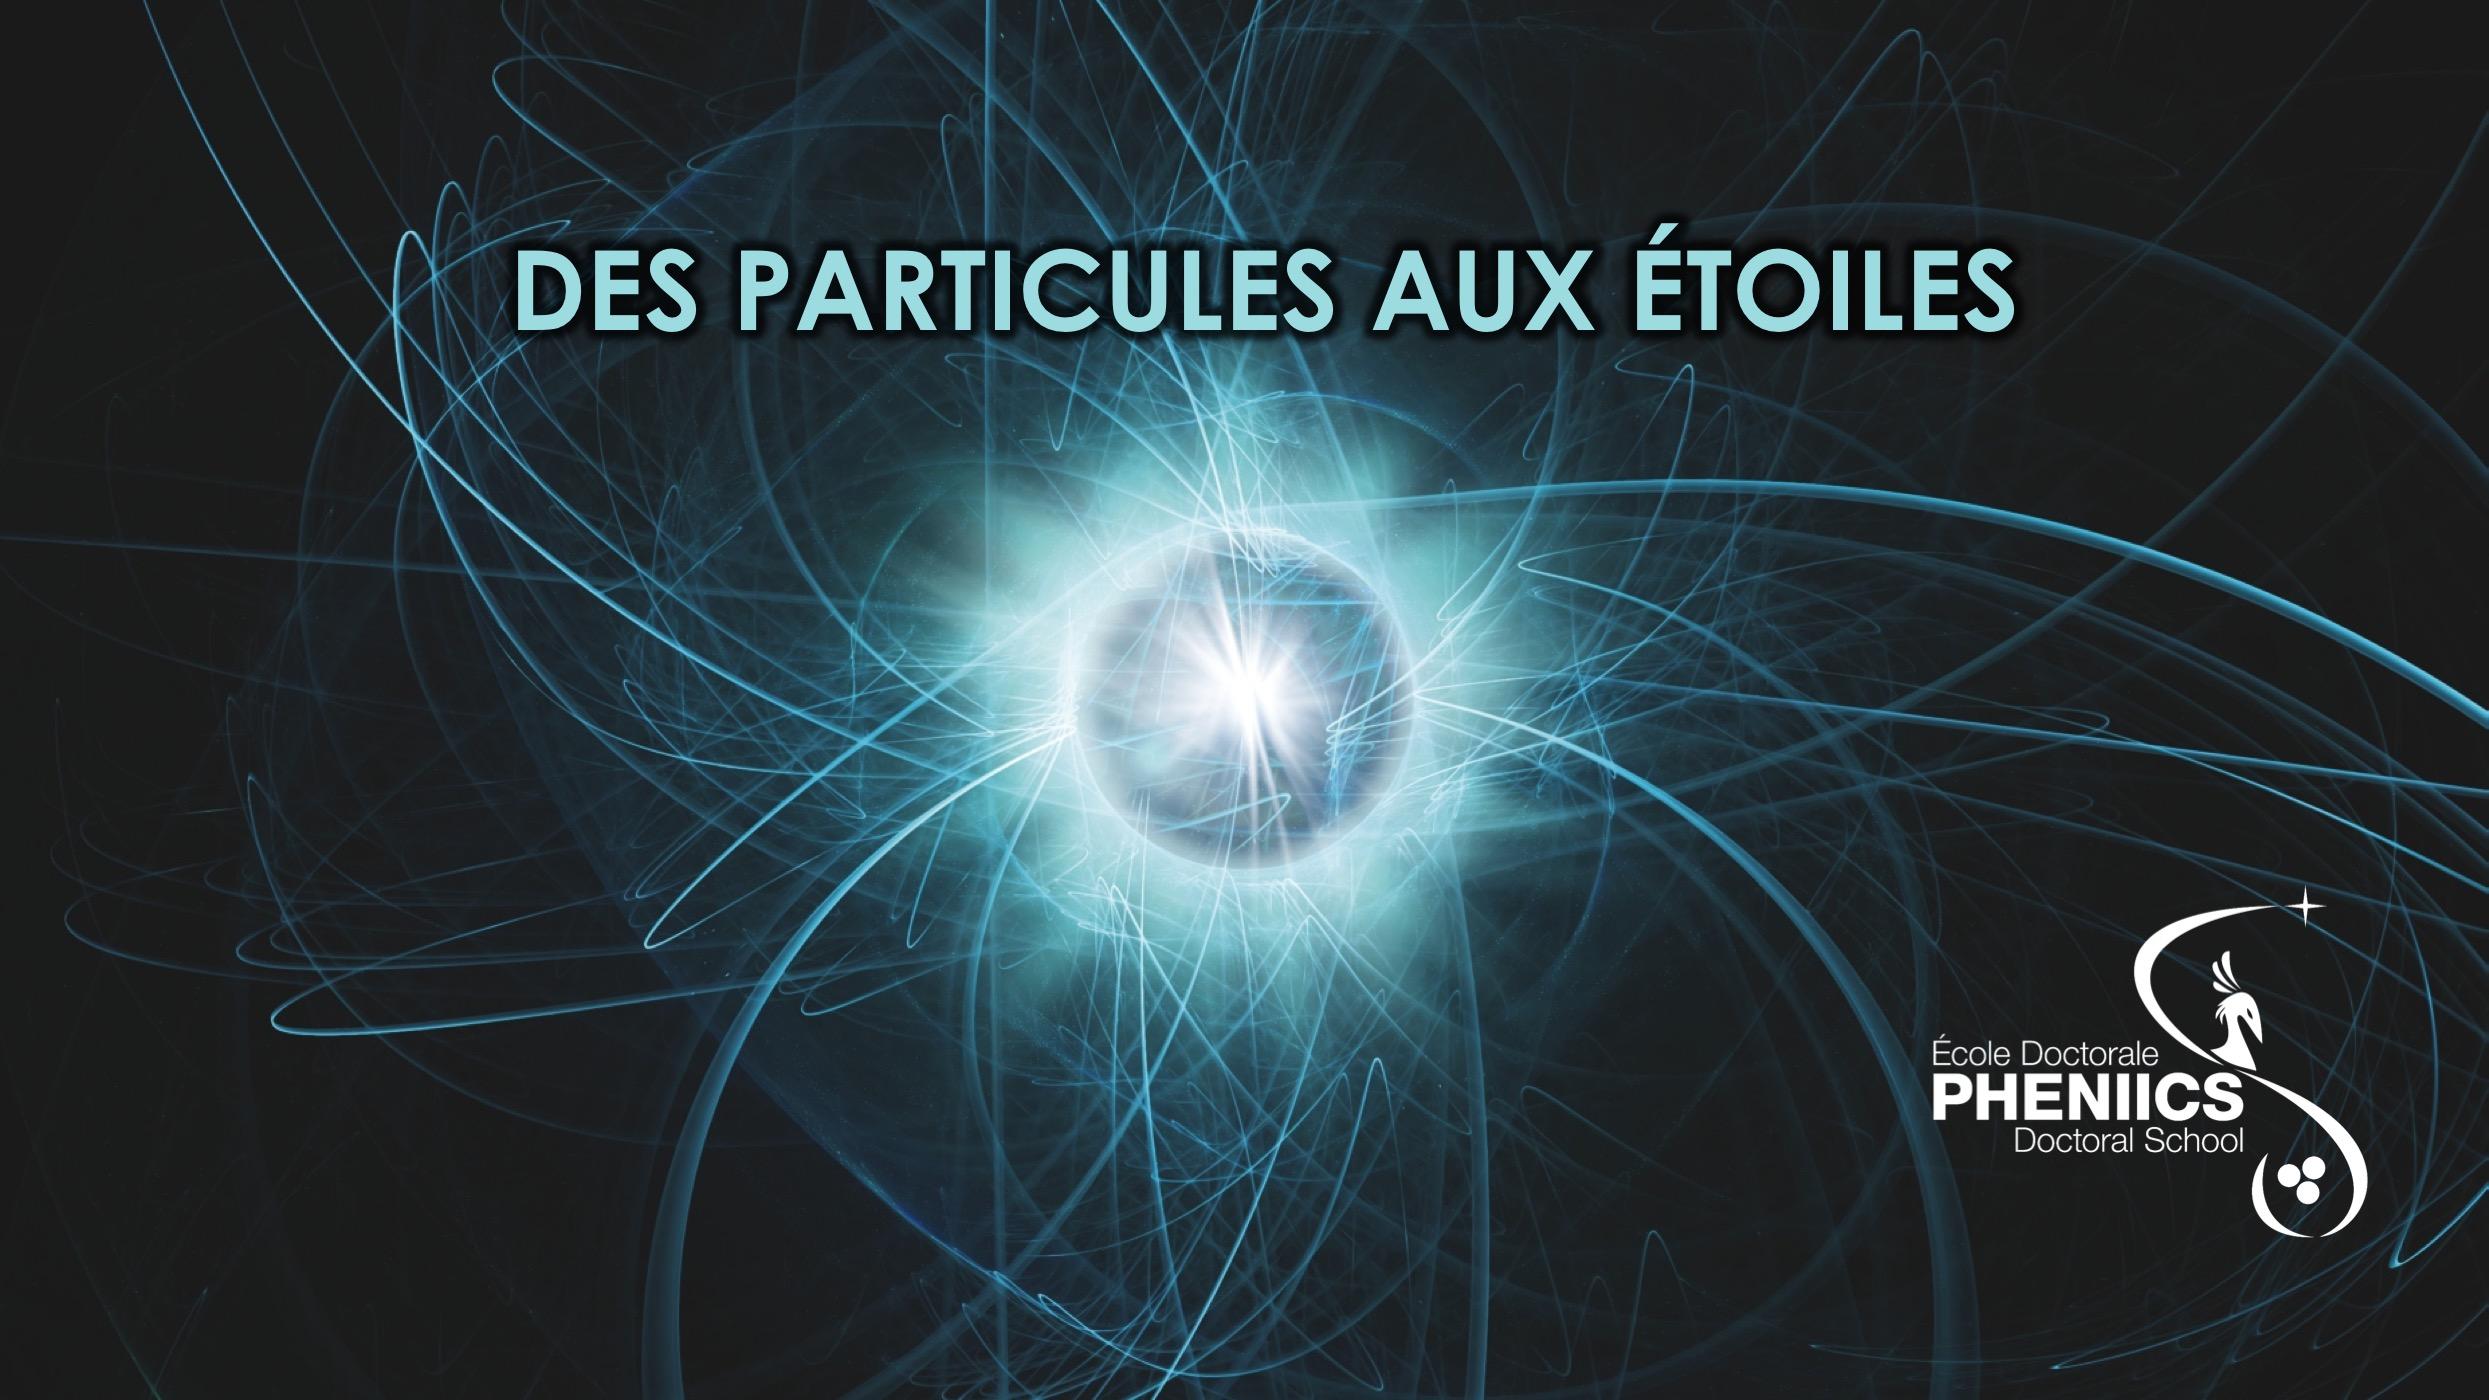 MOOC : des particules aux étoiles 3ème édition. Les inscriptions sont ouvertes